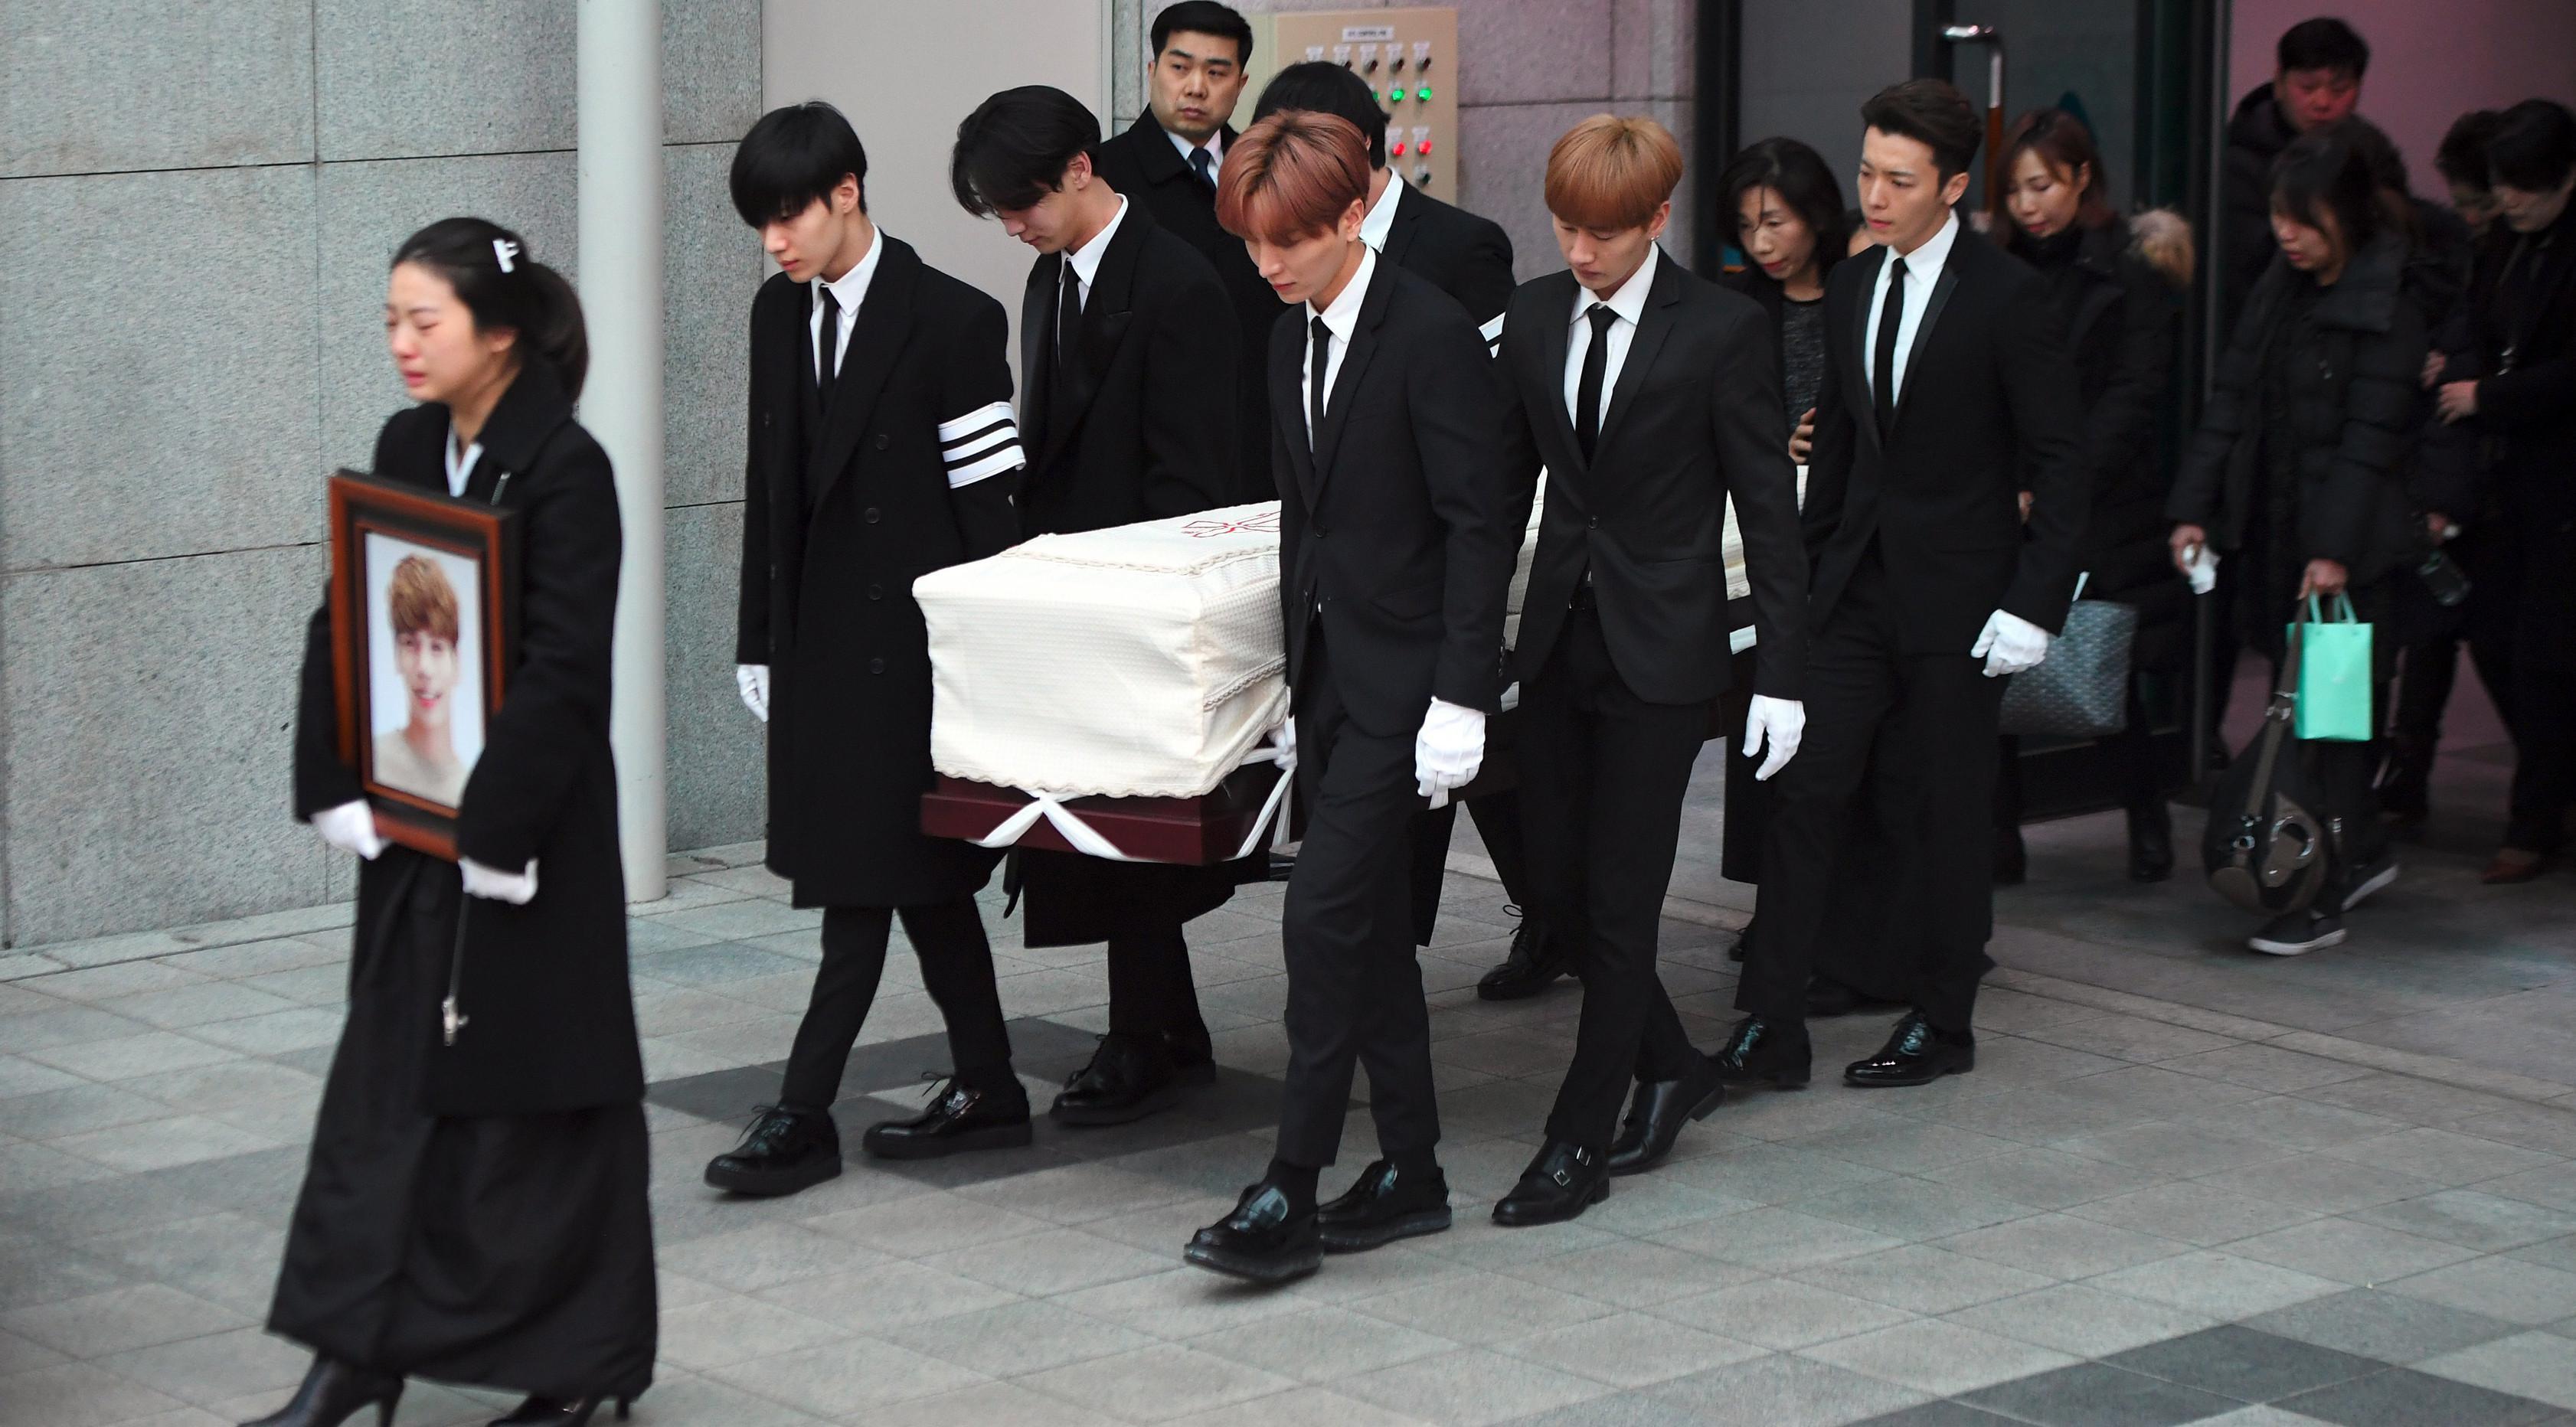 Kakak Jonghyun dan artis SM Entertainment membawa peti mati berisi jenazah Jonghyun (AFP)